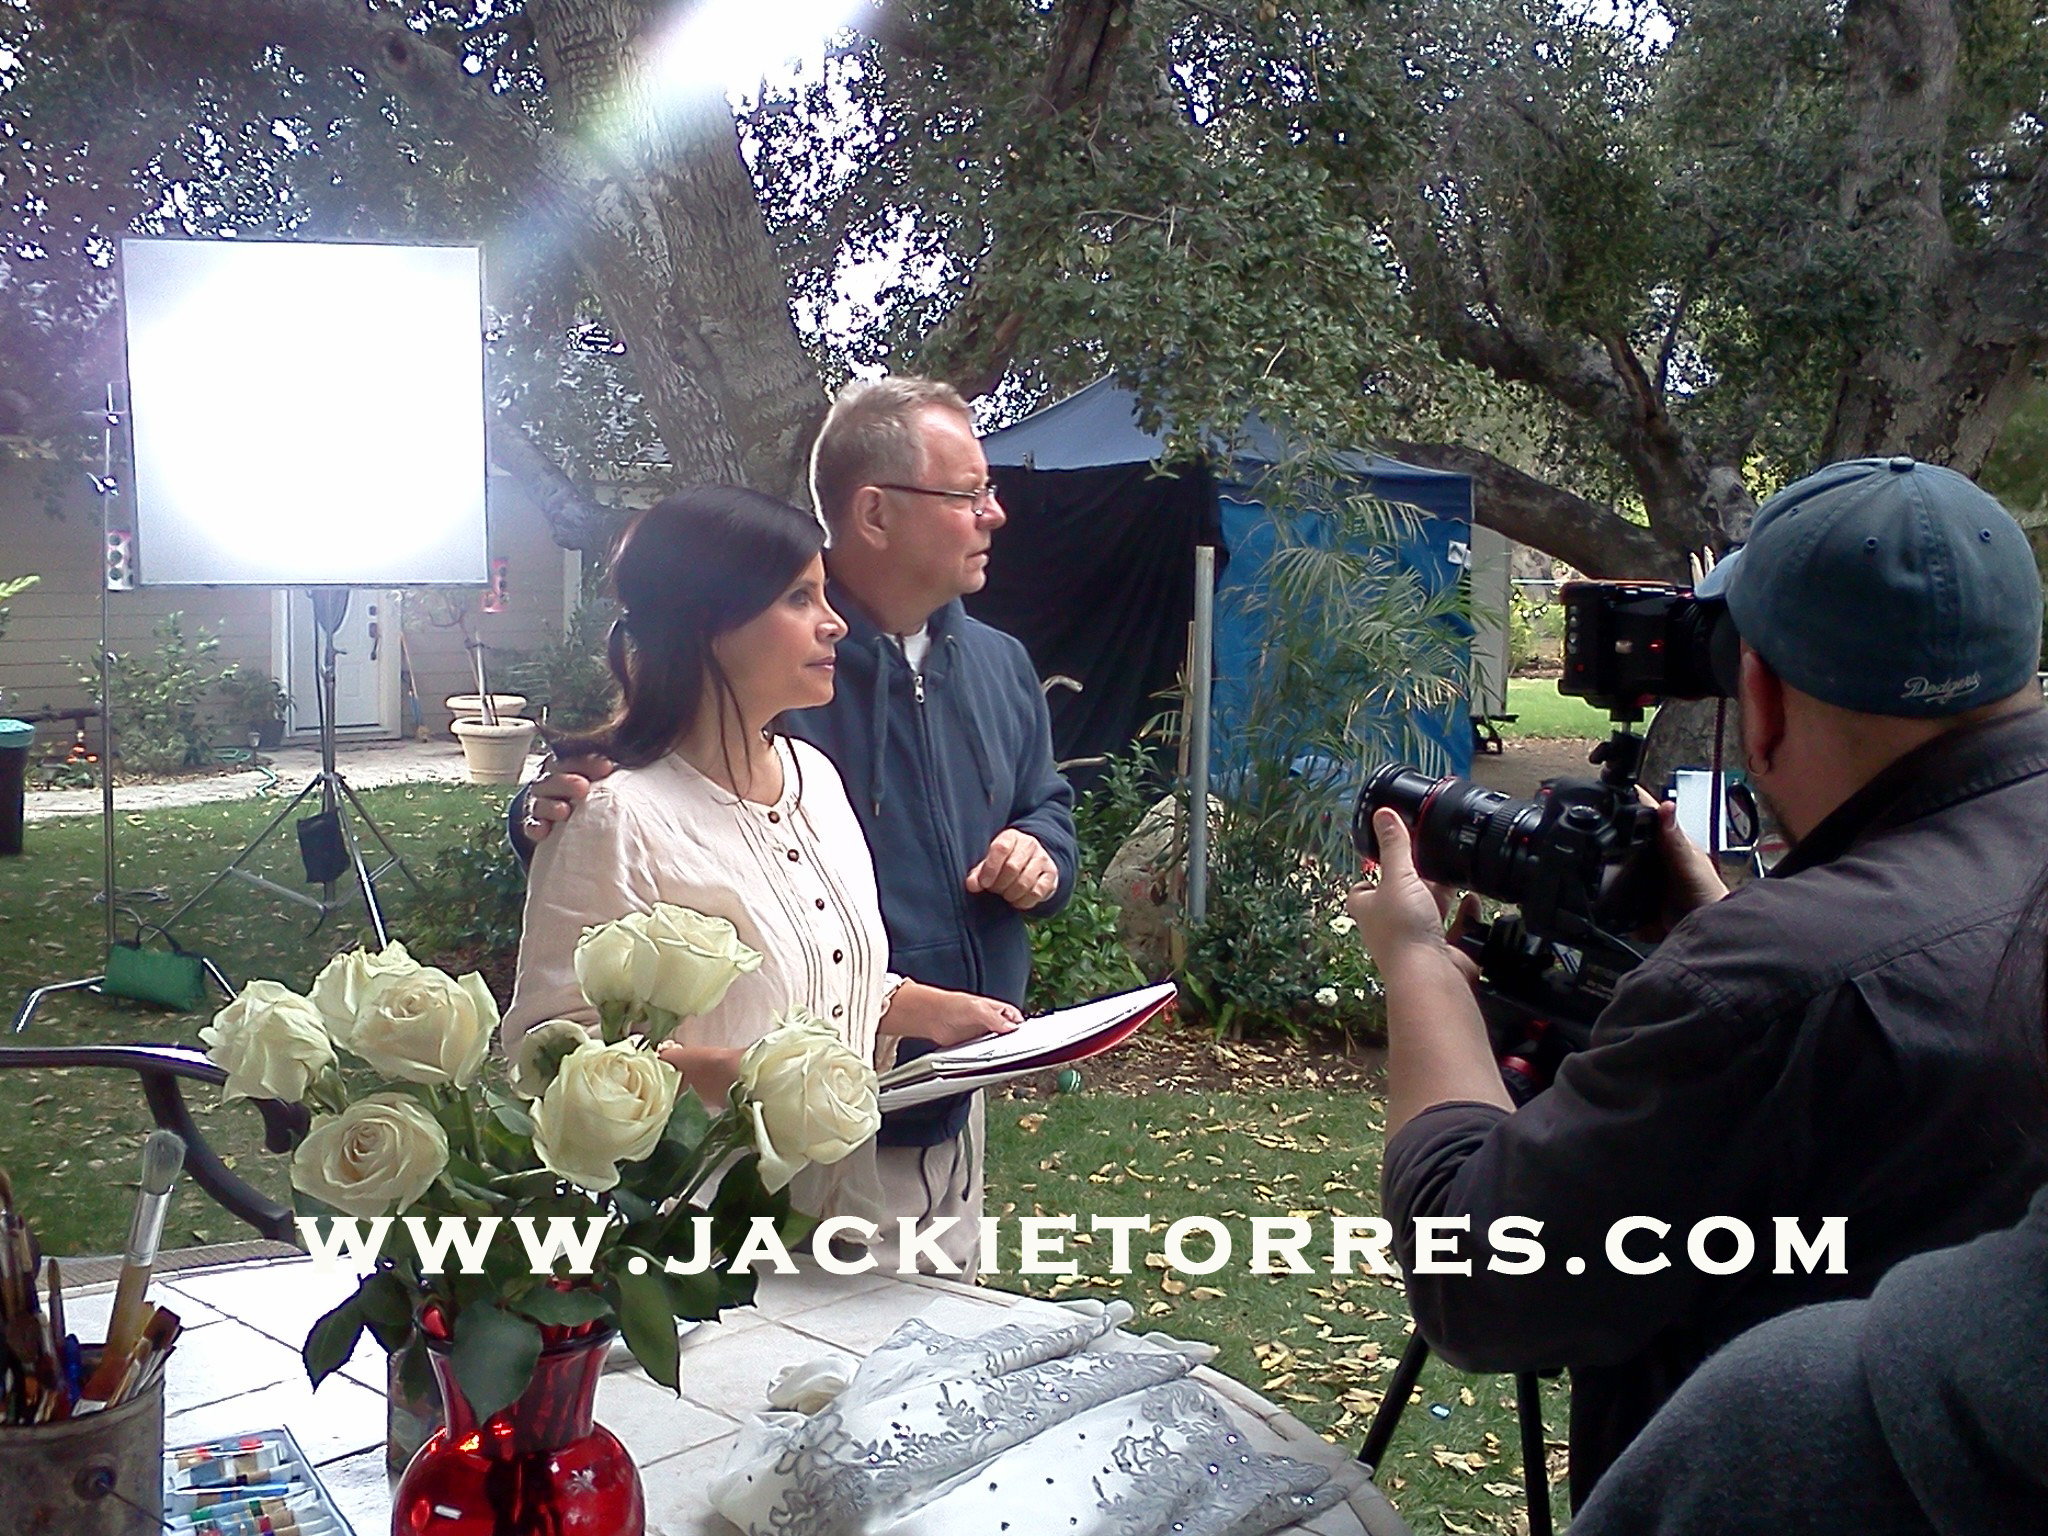 Acting Seminars with Jackie Torres